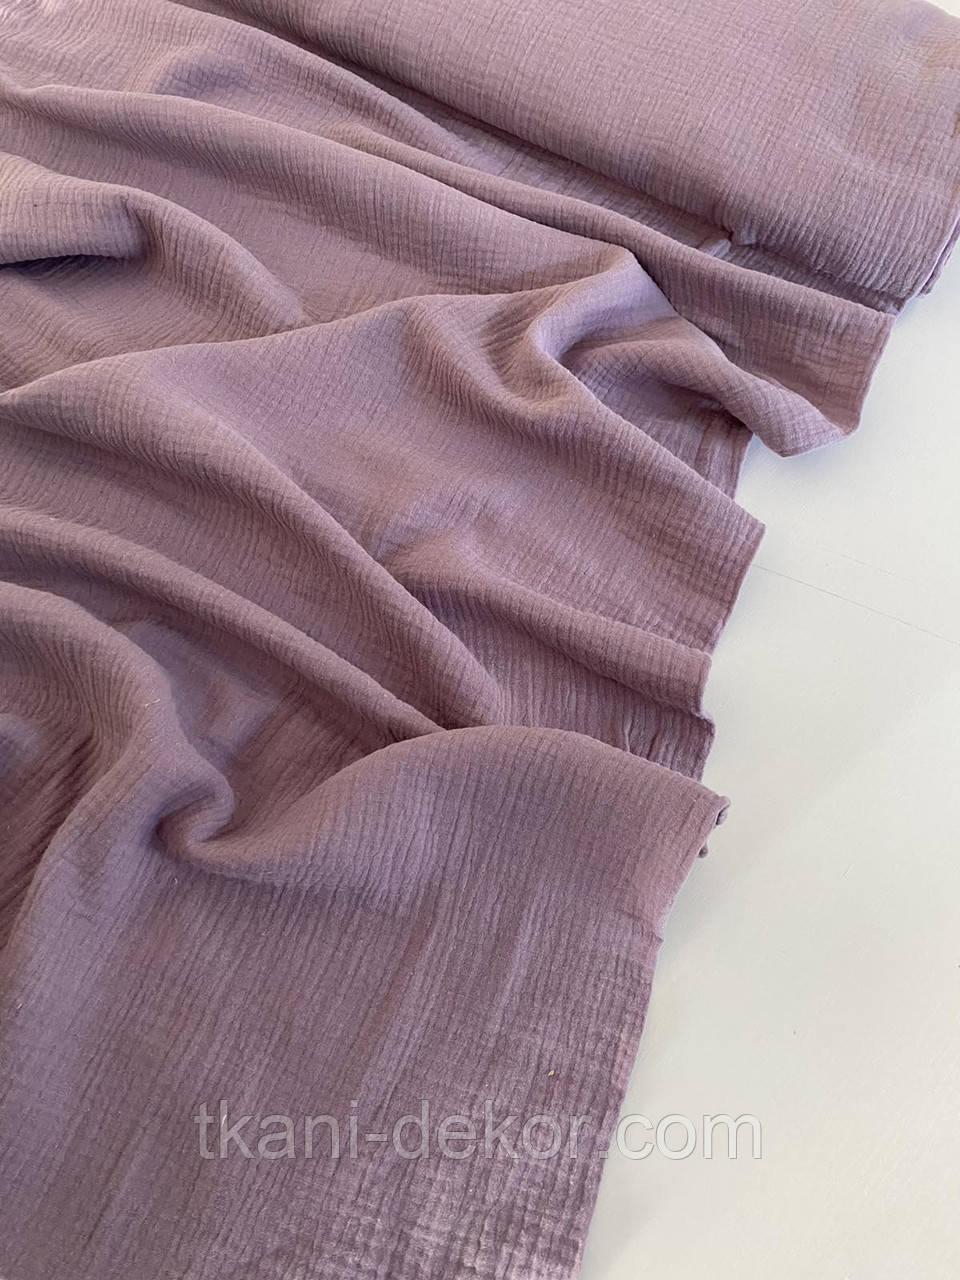 Муслін (бавовняна тканина) жатка пильна бузок однотон (ширина 1,35 м)